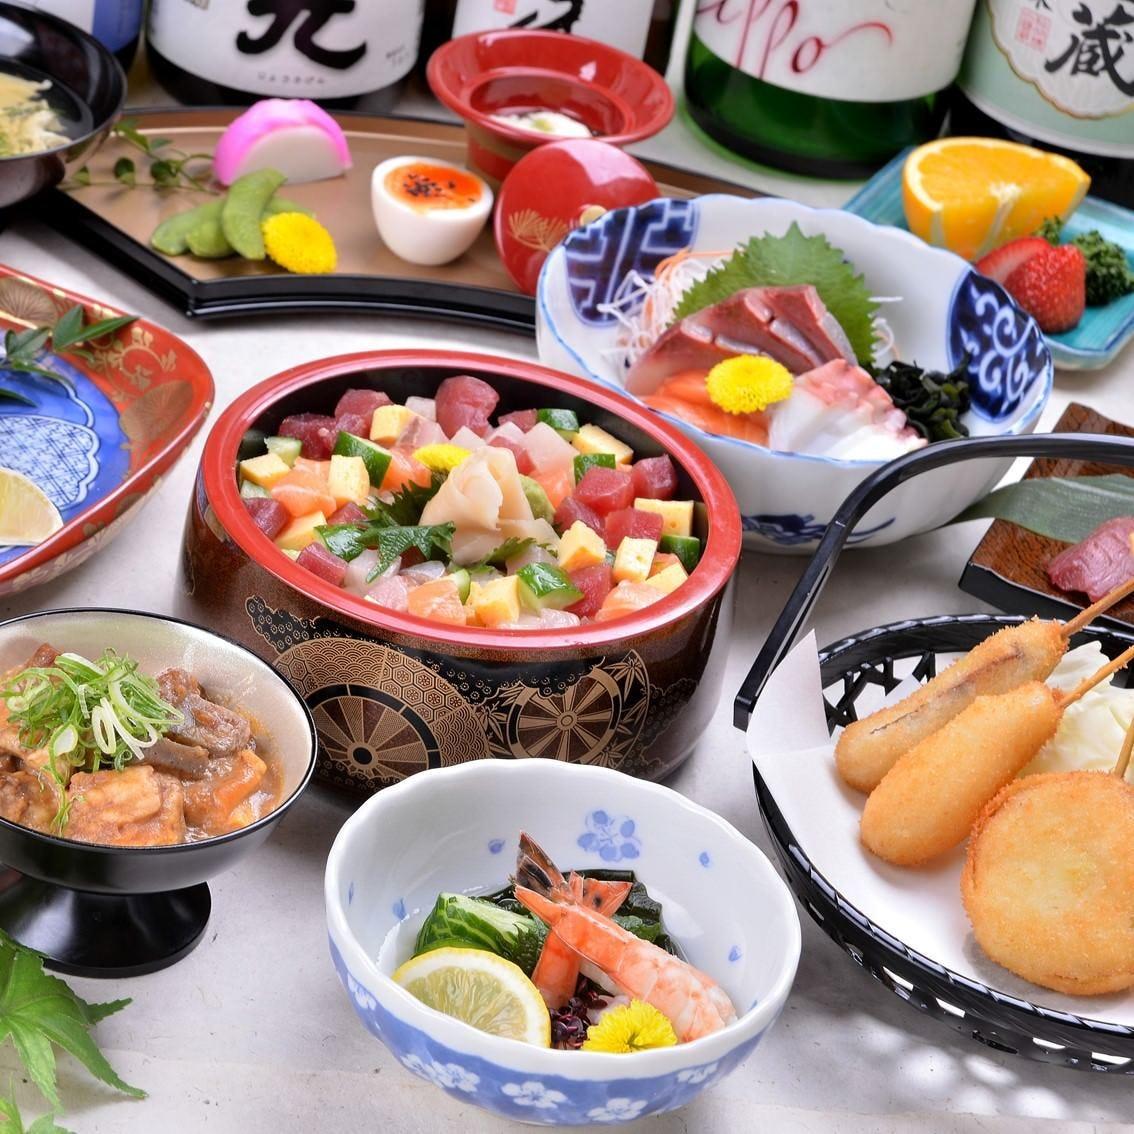 串カツやどて焼きなど大阪ならではのお料理が目白押し!